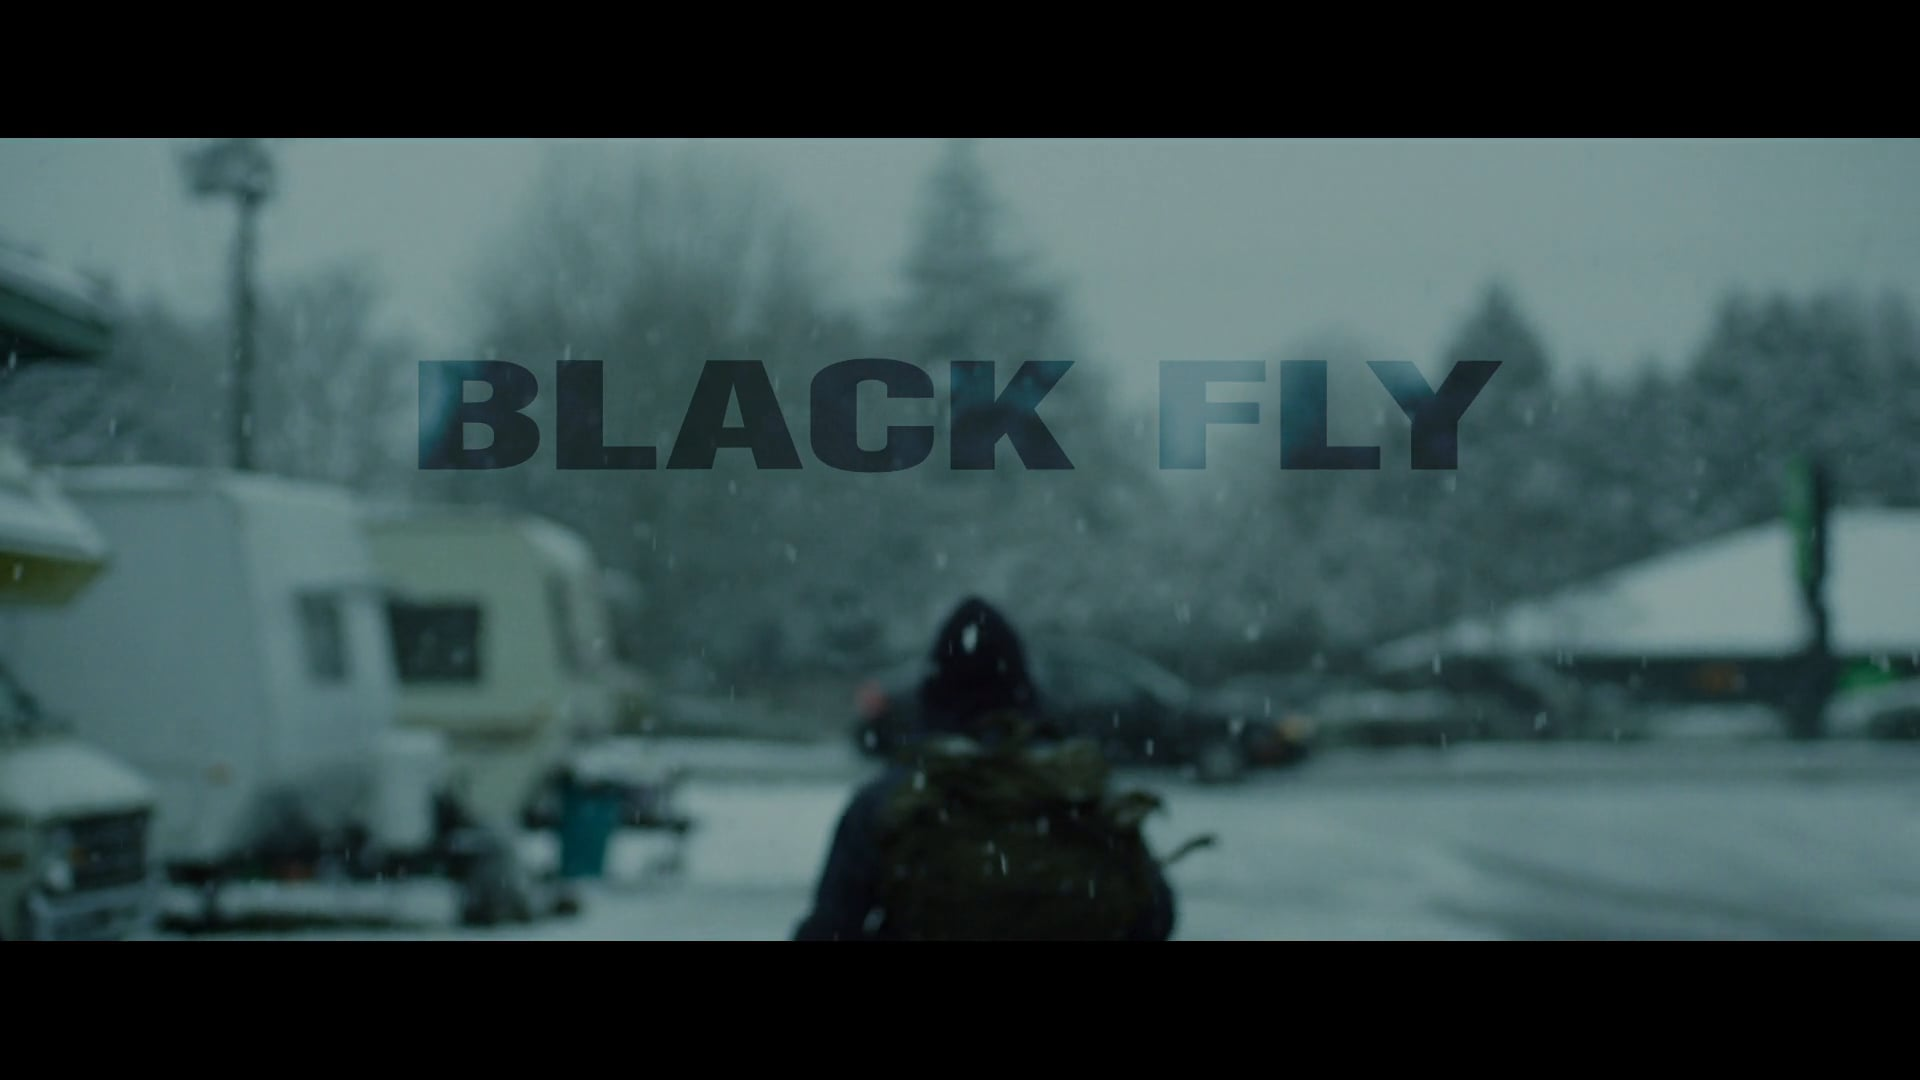 Blackfly Trailer-422HQ